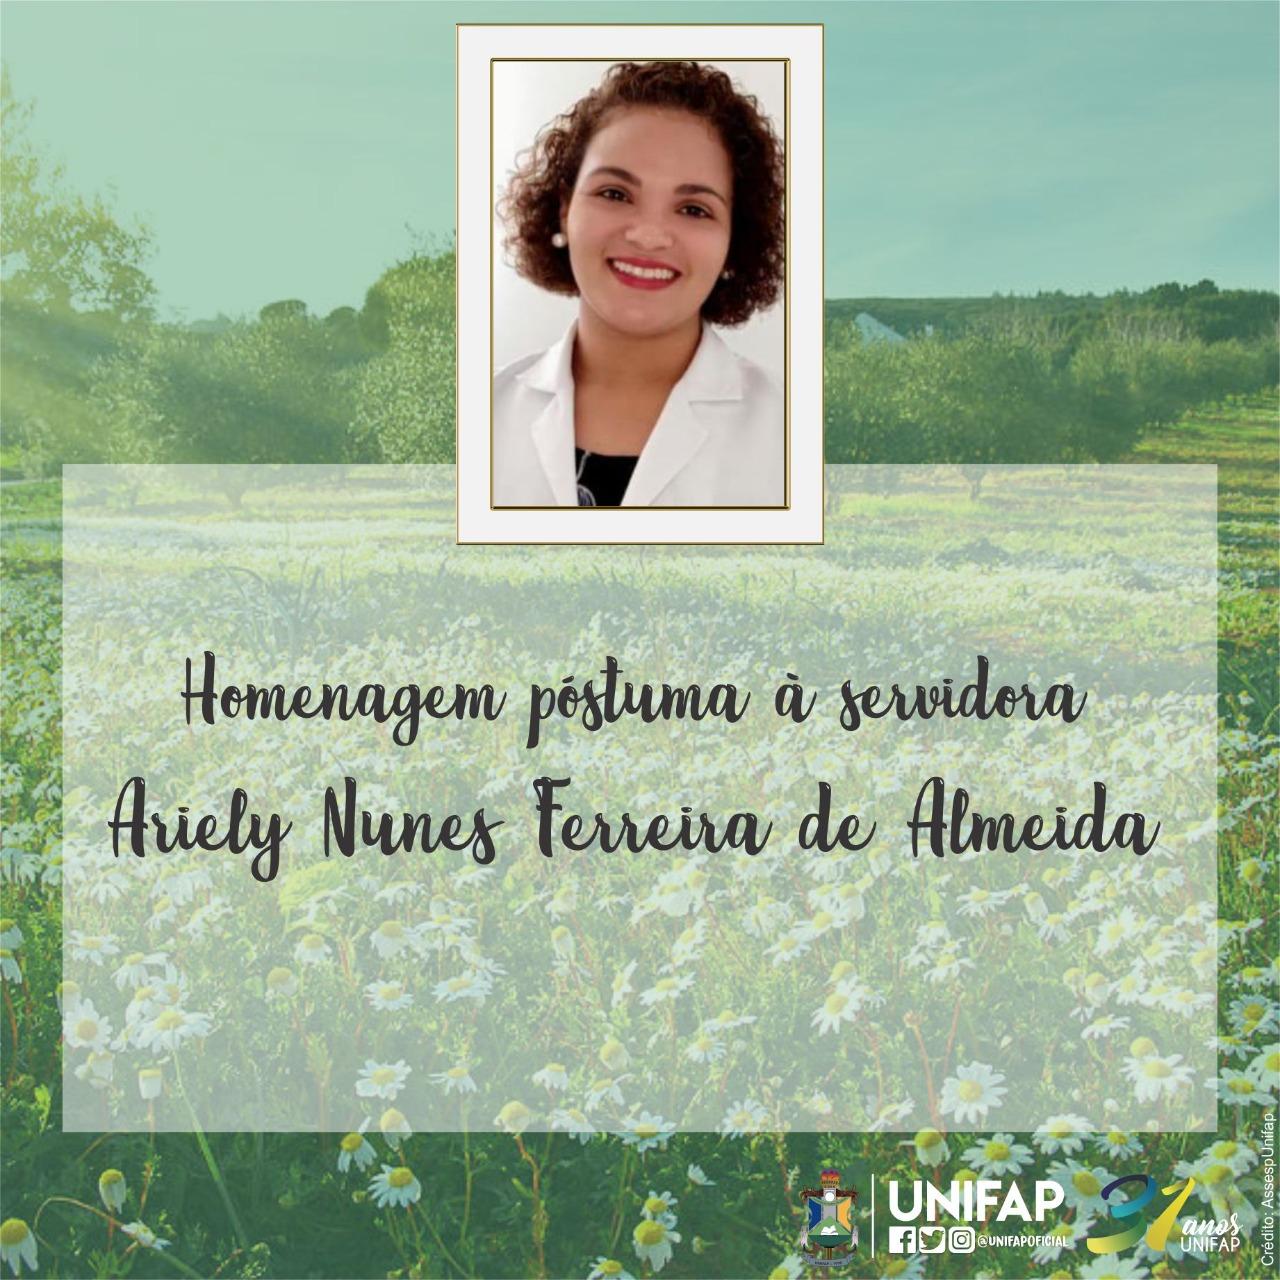 Nota de pesar pelo falecimento da professora Dra. Ariely Nunes Ferreira de Almeida